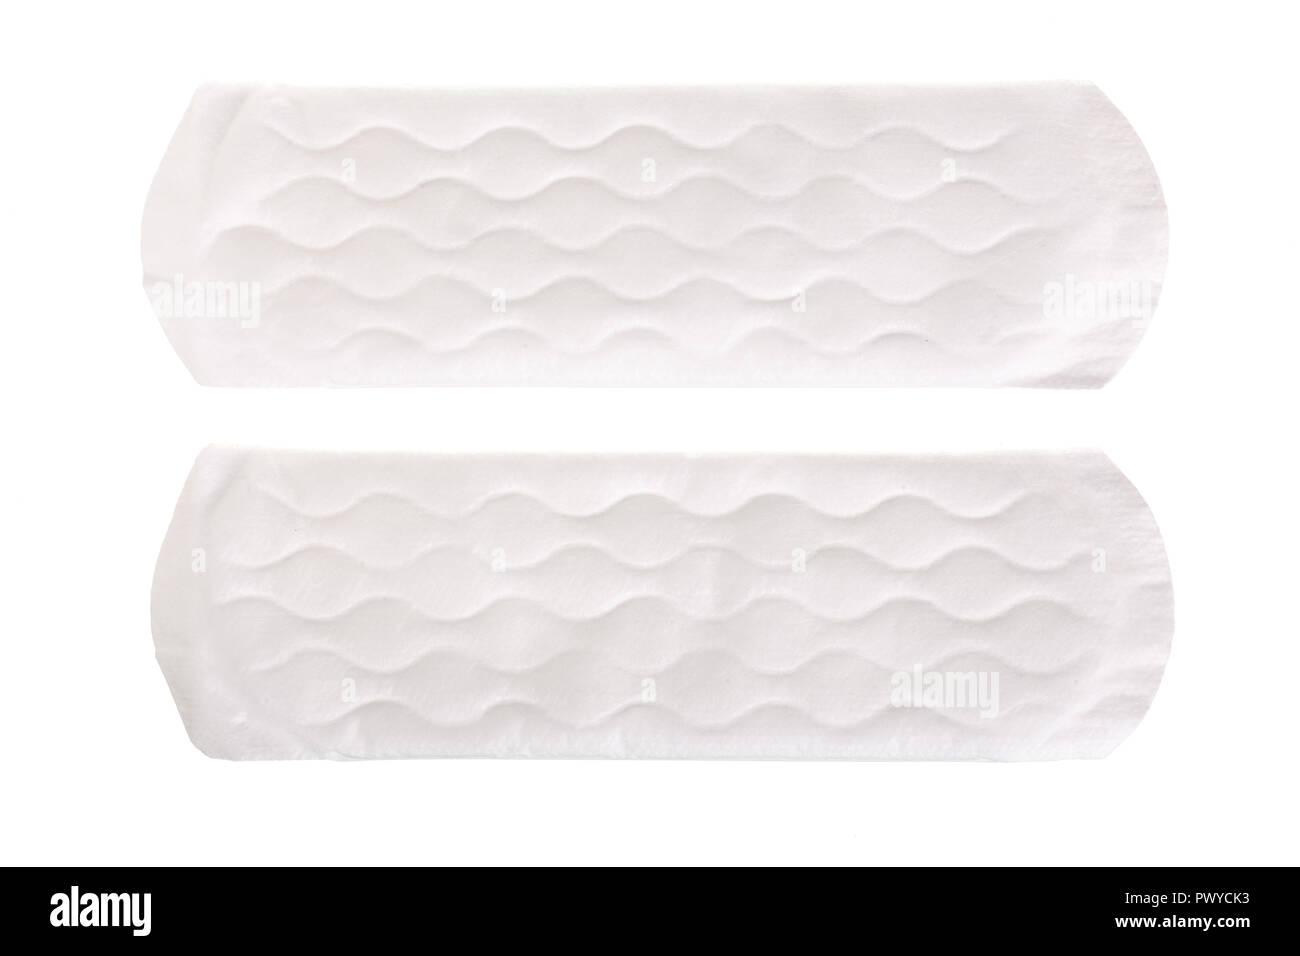 La mujer cada día higiénicas panty liners aislado sobre fondo blanco. Vista desde arriba. Imagen De Stock